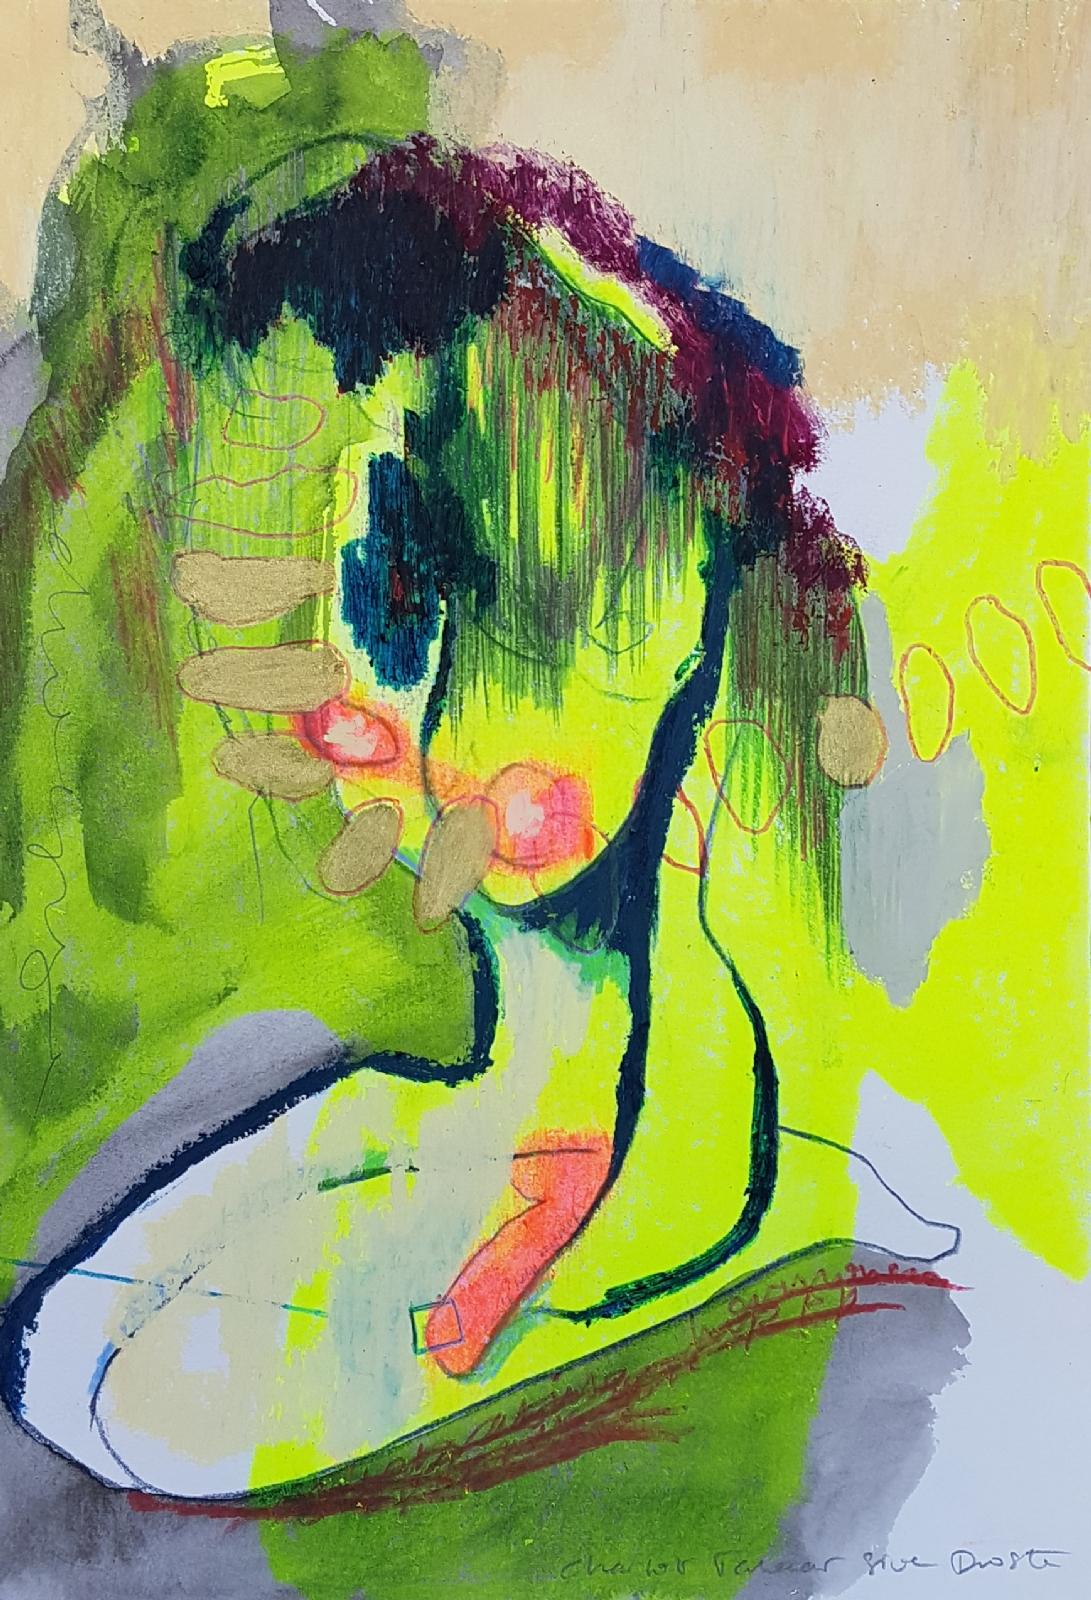 Schilderij #387